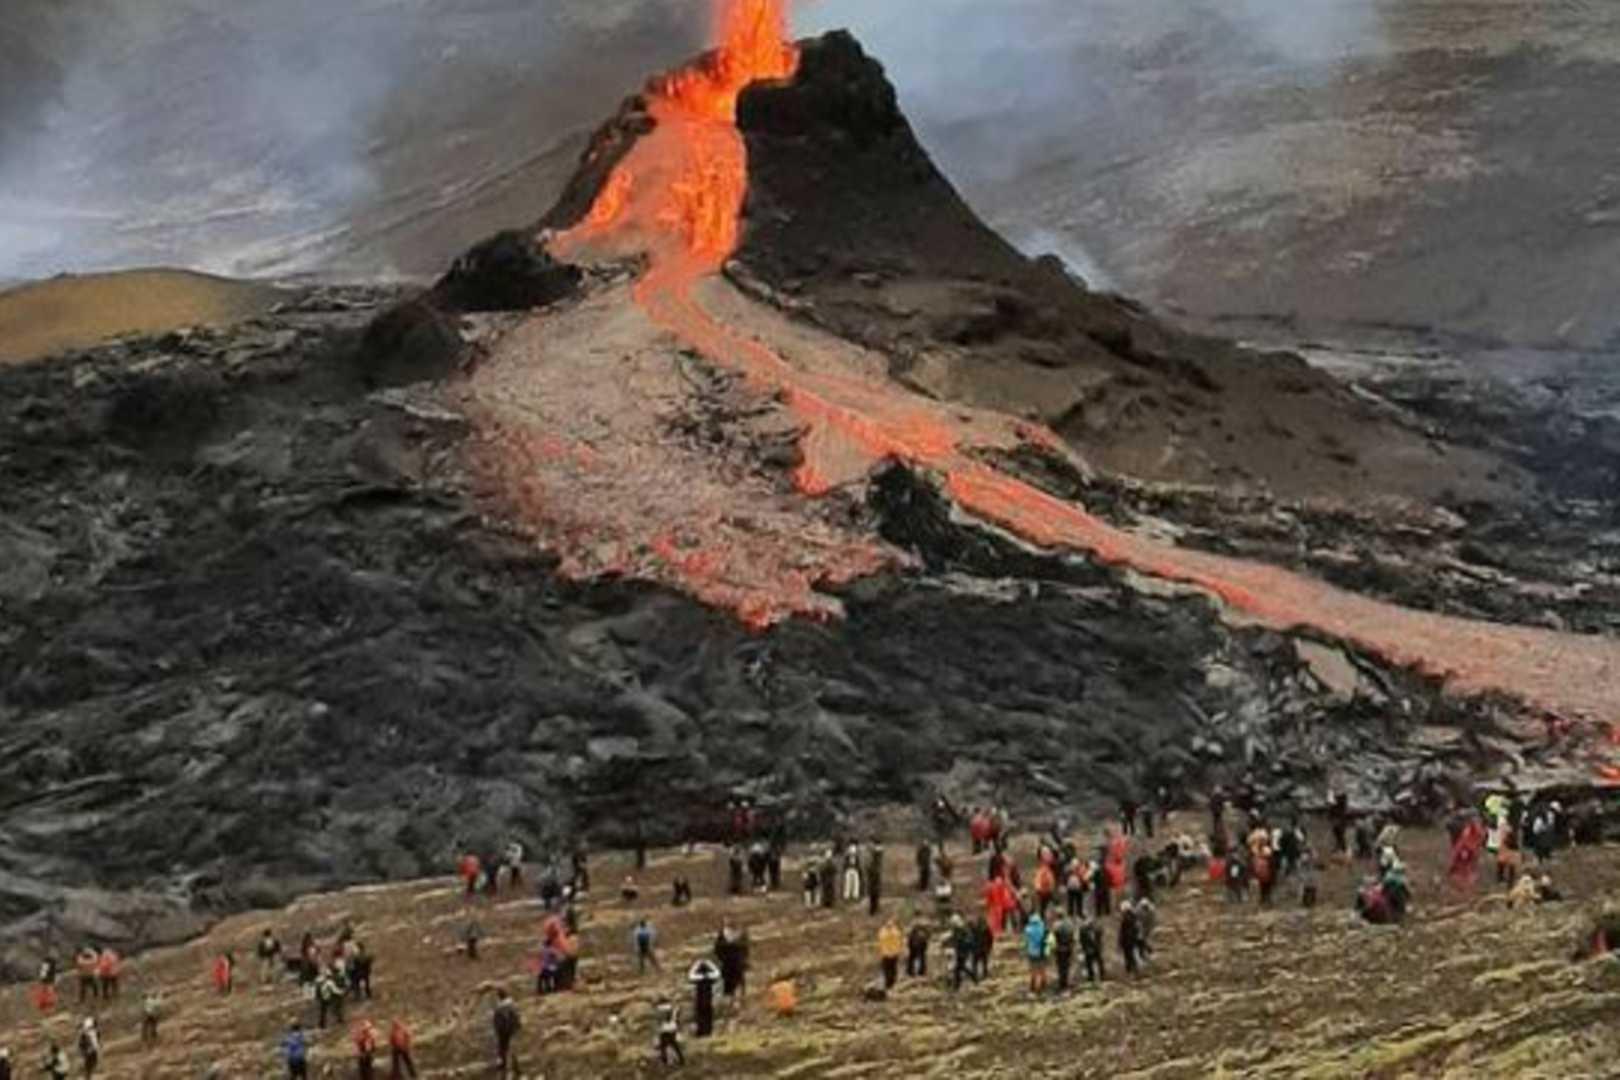 wulkan na Islandii oblegany przez turystów